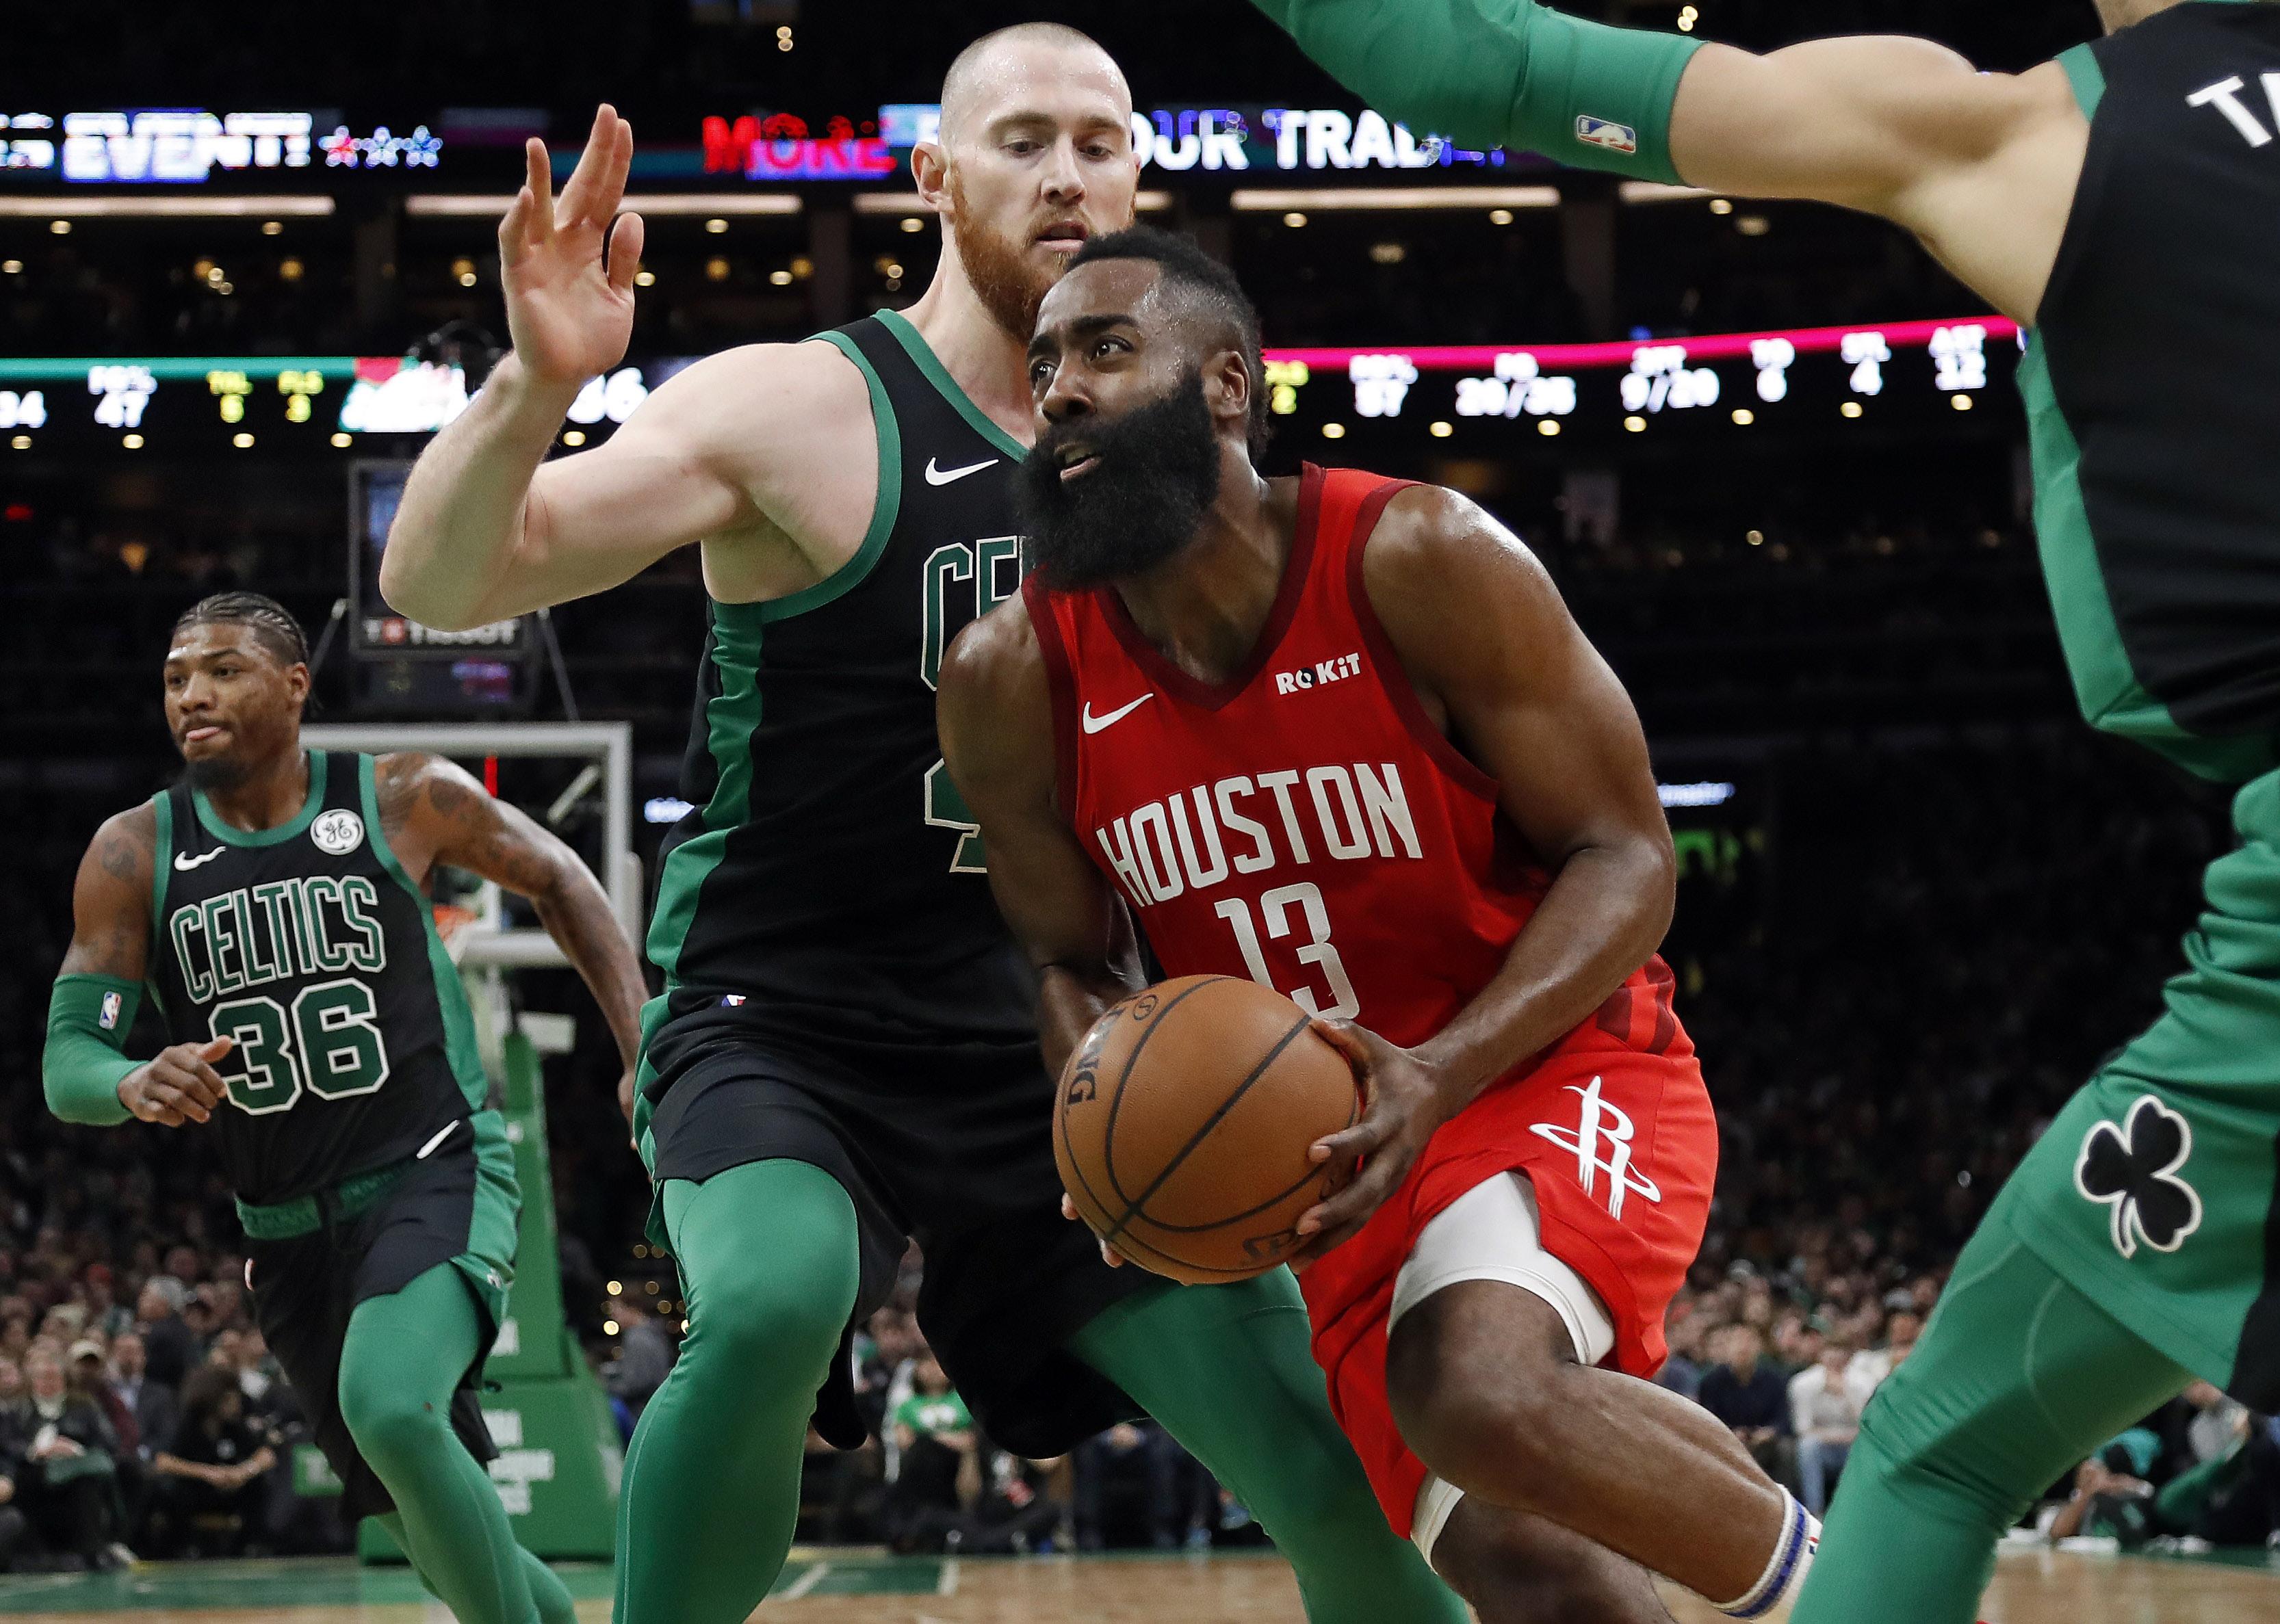 James Harden tuvo otra de esas noches de alarido, al despacharse con 42 puntos para Houston, mientras que por Boston lo mejor de la noche fue la actuación de 24 unidades y nueve rebotes de Kyrie Irving.